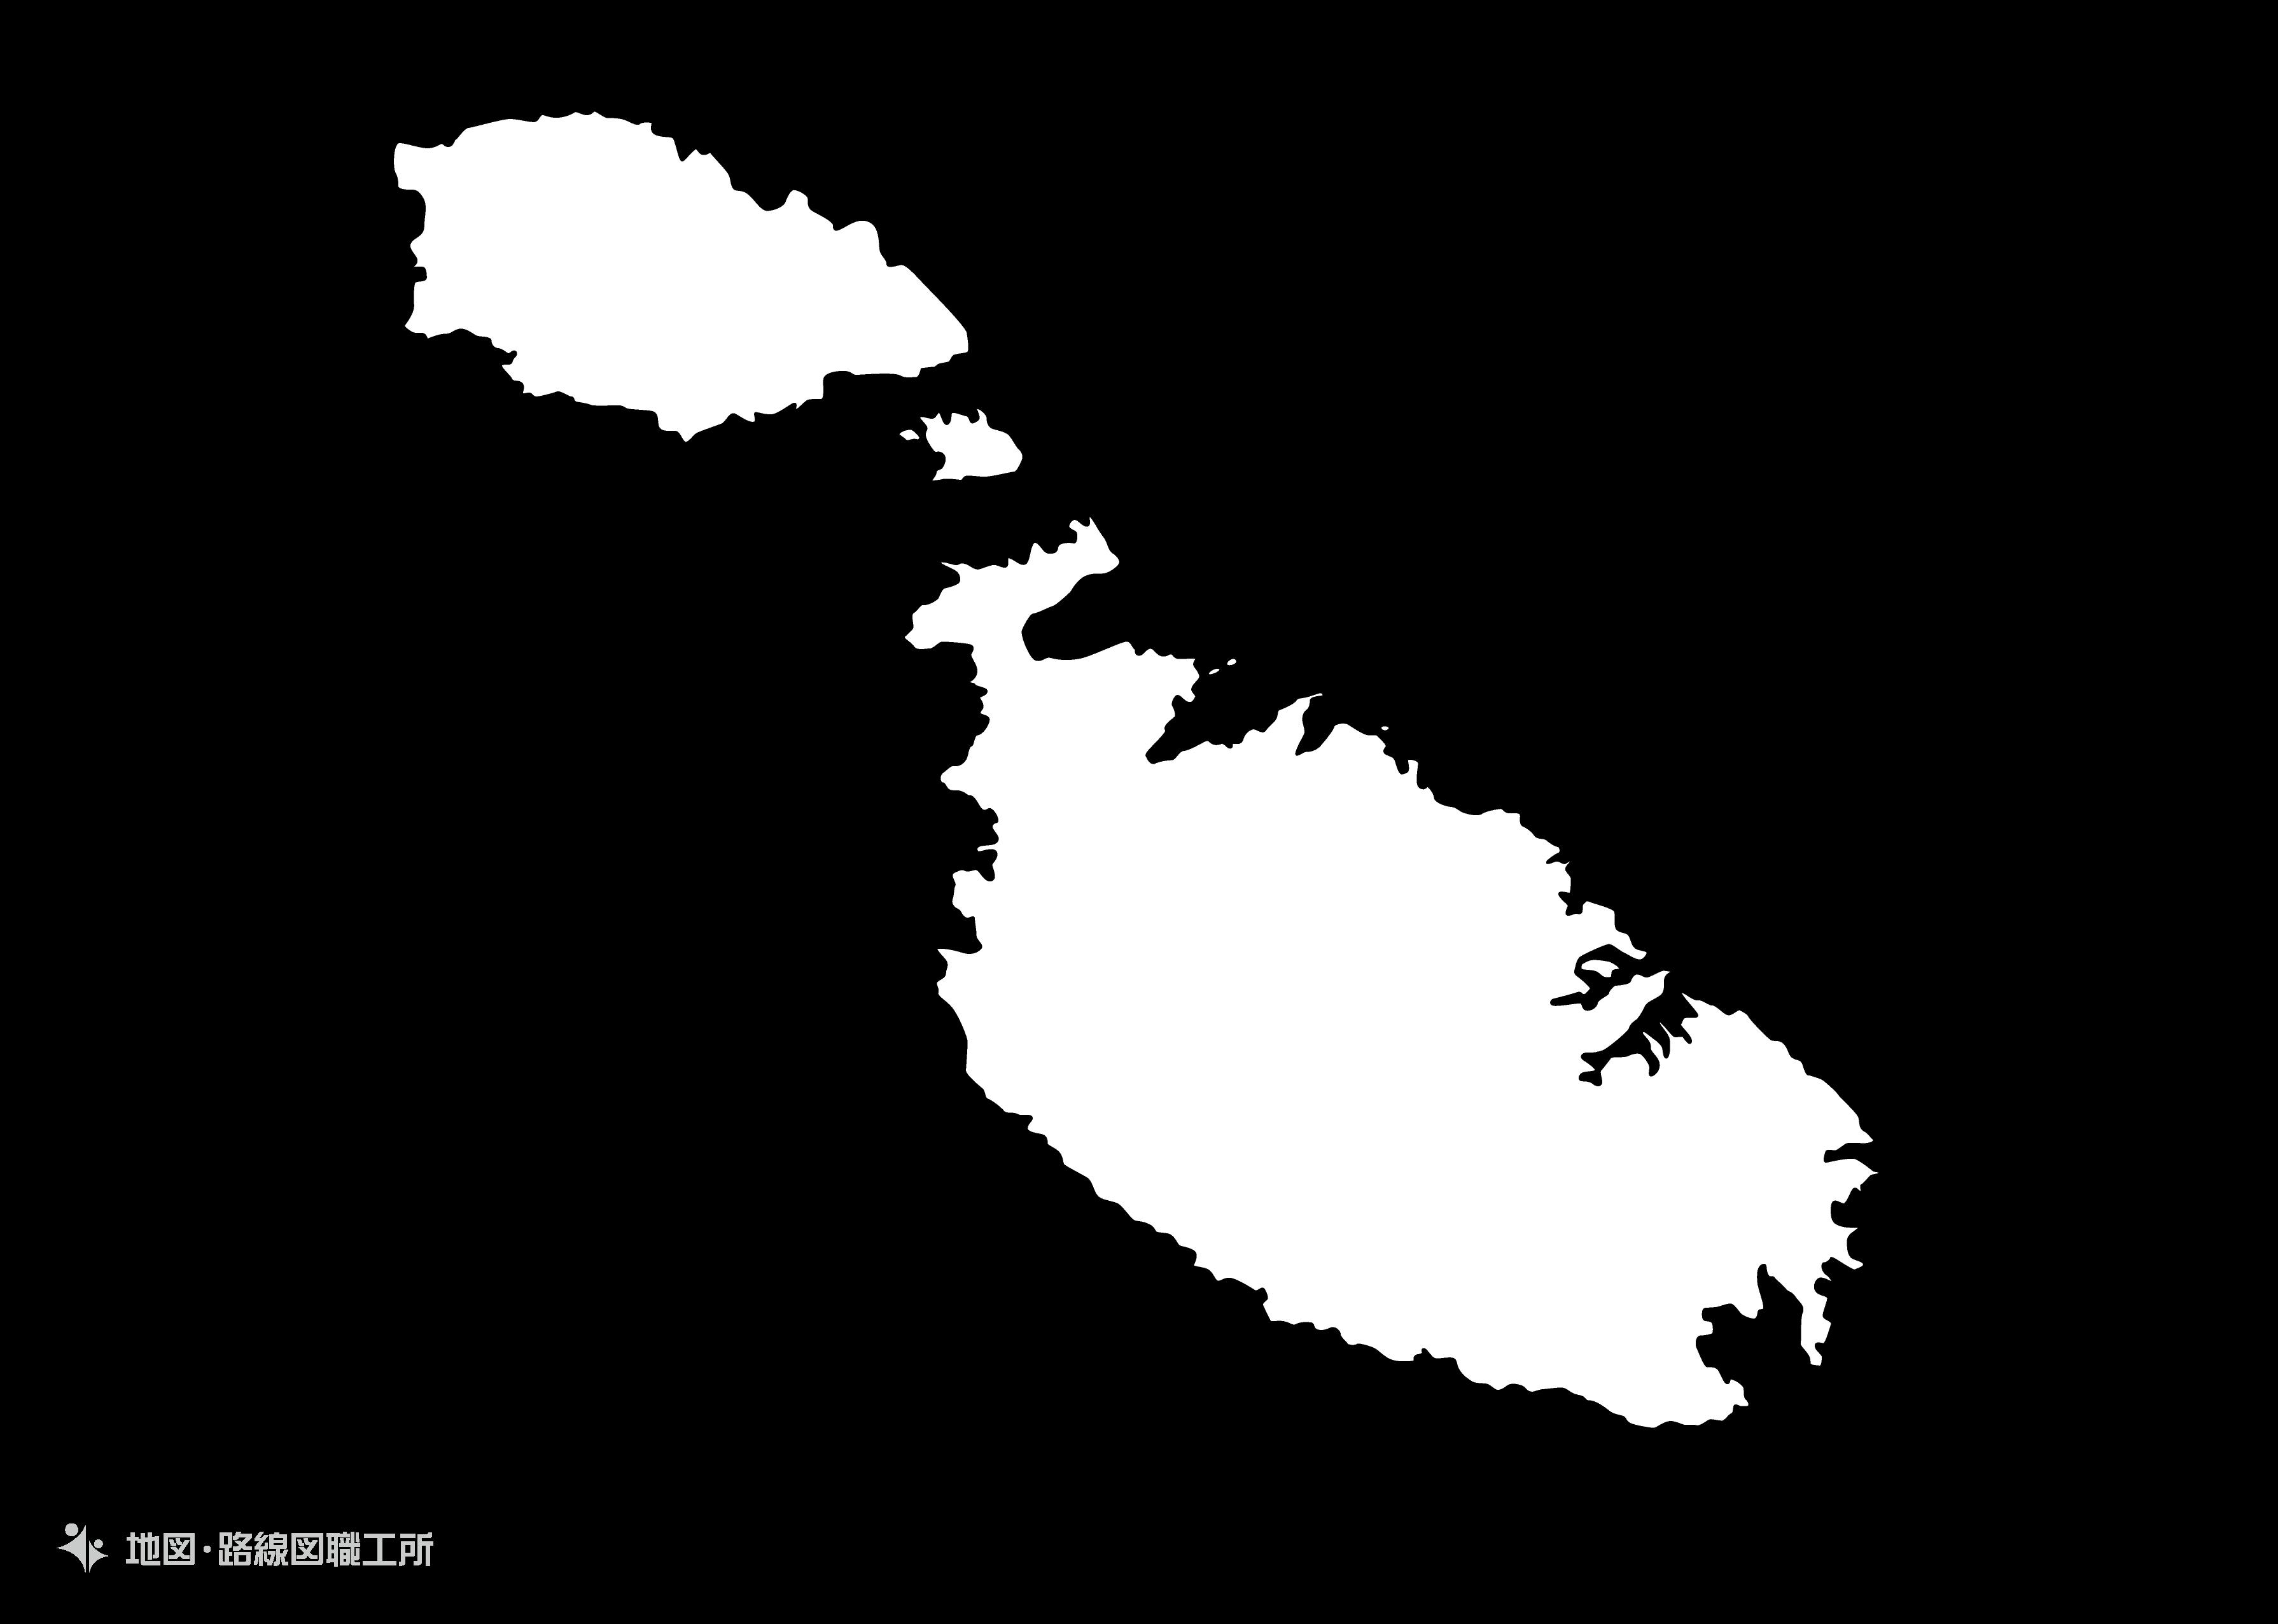 世界の白地図 マルタ共和国 republic-of-malta map